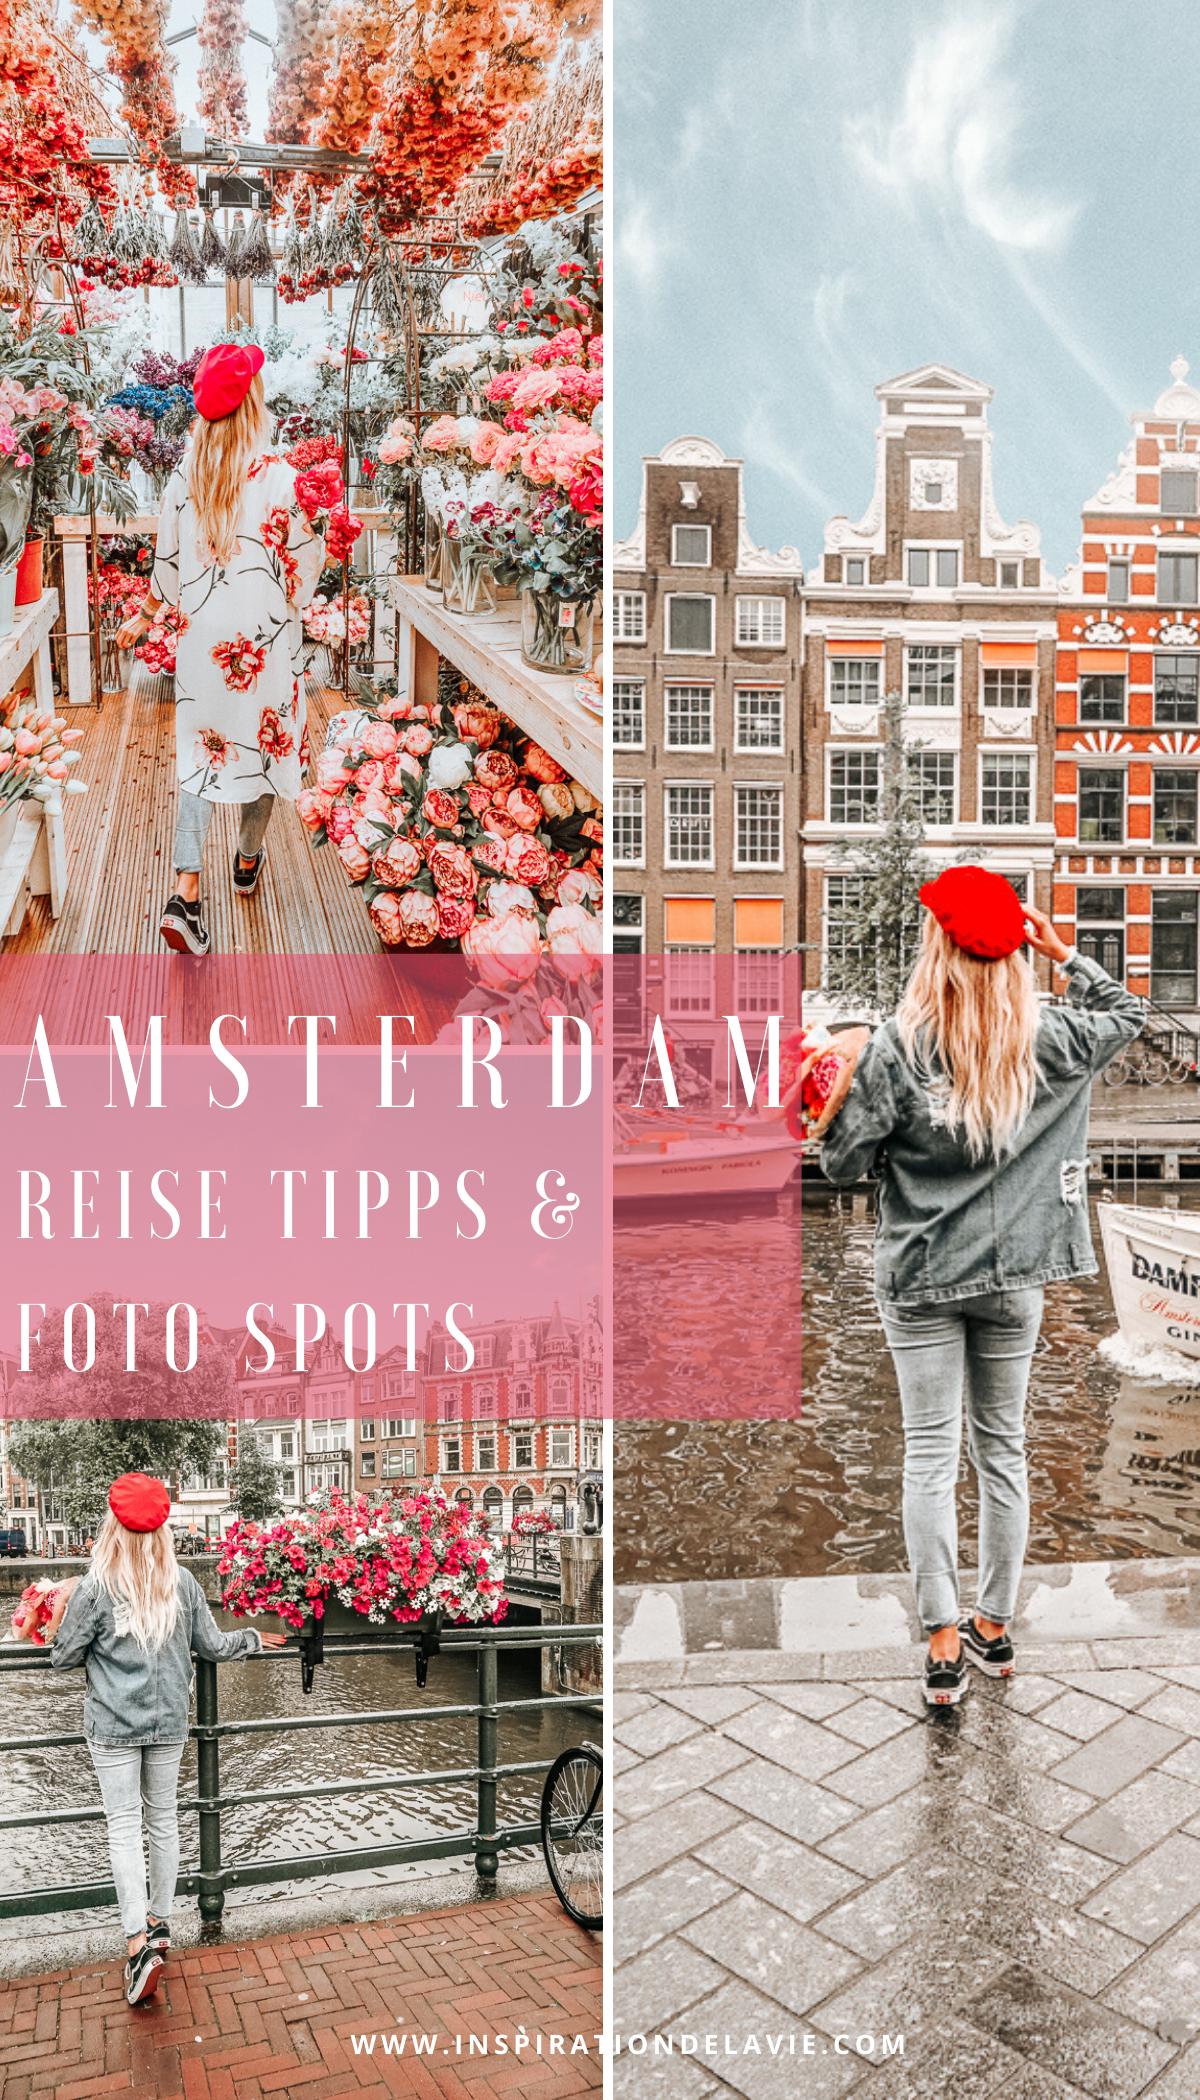 Meine Amsterdam Reise Tipps - Plane deinen Amsterdam Städtetrip und entdecke Sehenswürdigkeiten, Restaurants, Aussichtspunkte und die besten Instagram Fotospots für deine Reise nach Amsterdam. Lese meine Geheimtipps für Amsterdam. Schlendere entlang der Grachten, besuche den Bloemenmarkt in Amsterdam, den Hortus Botanicus und die besten Cafés und Restaurants in Amsterdam mit meinen Amsterdam Tipps. #amsterdam #reiseführer #instagram #inspirationdelavie #reisetipps